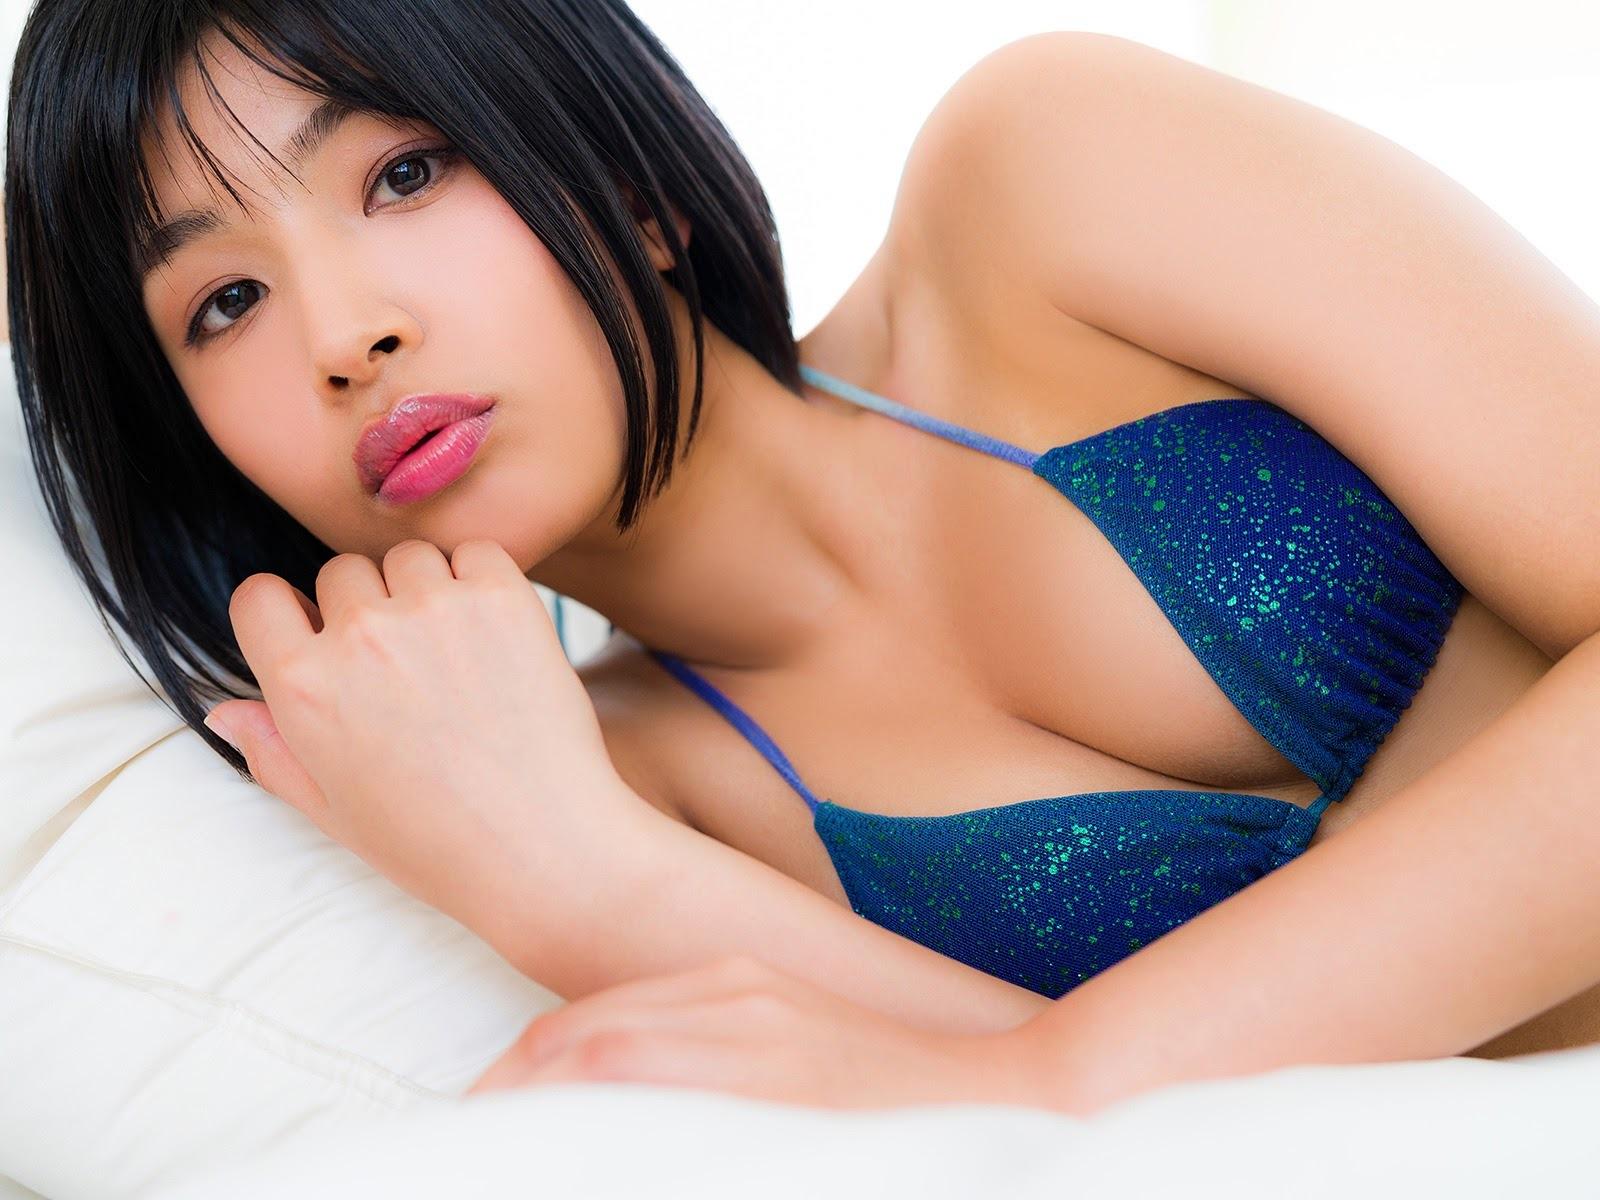 藤井マリー26